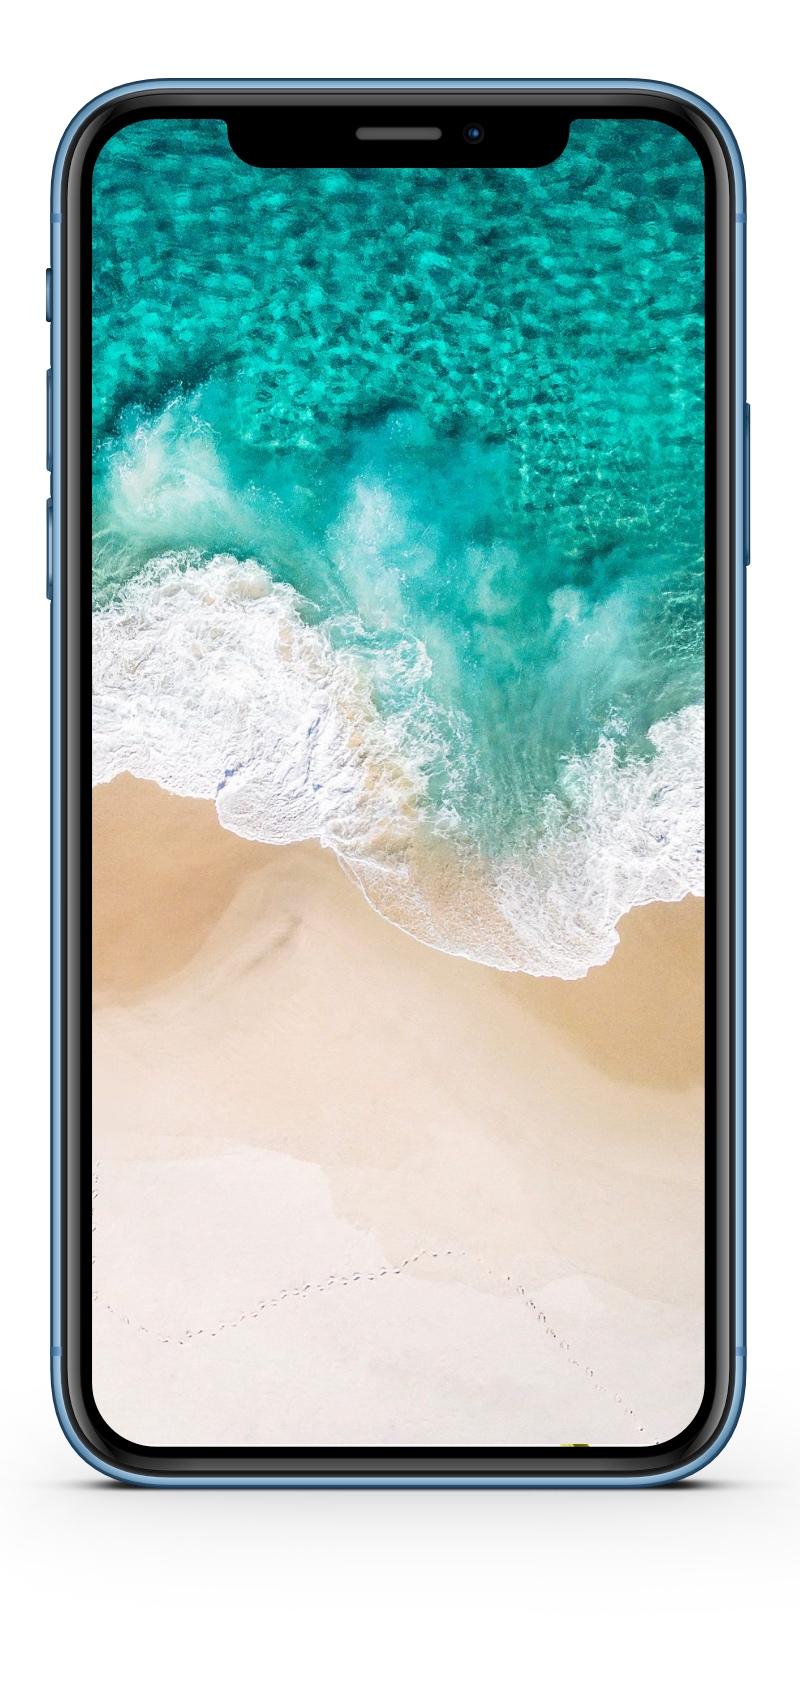 iPhone XR Wallpaper HD-Panorama